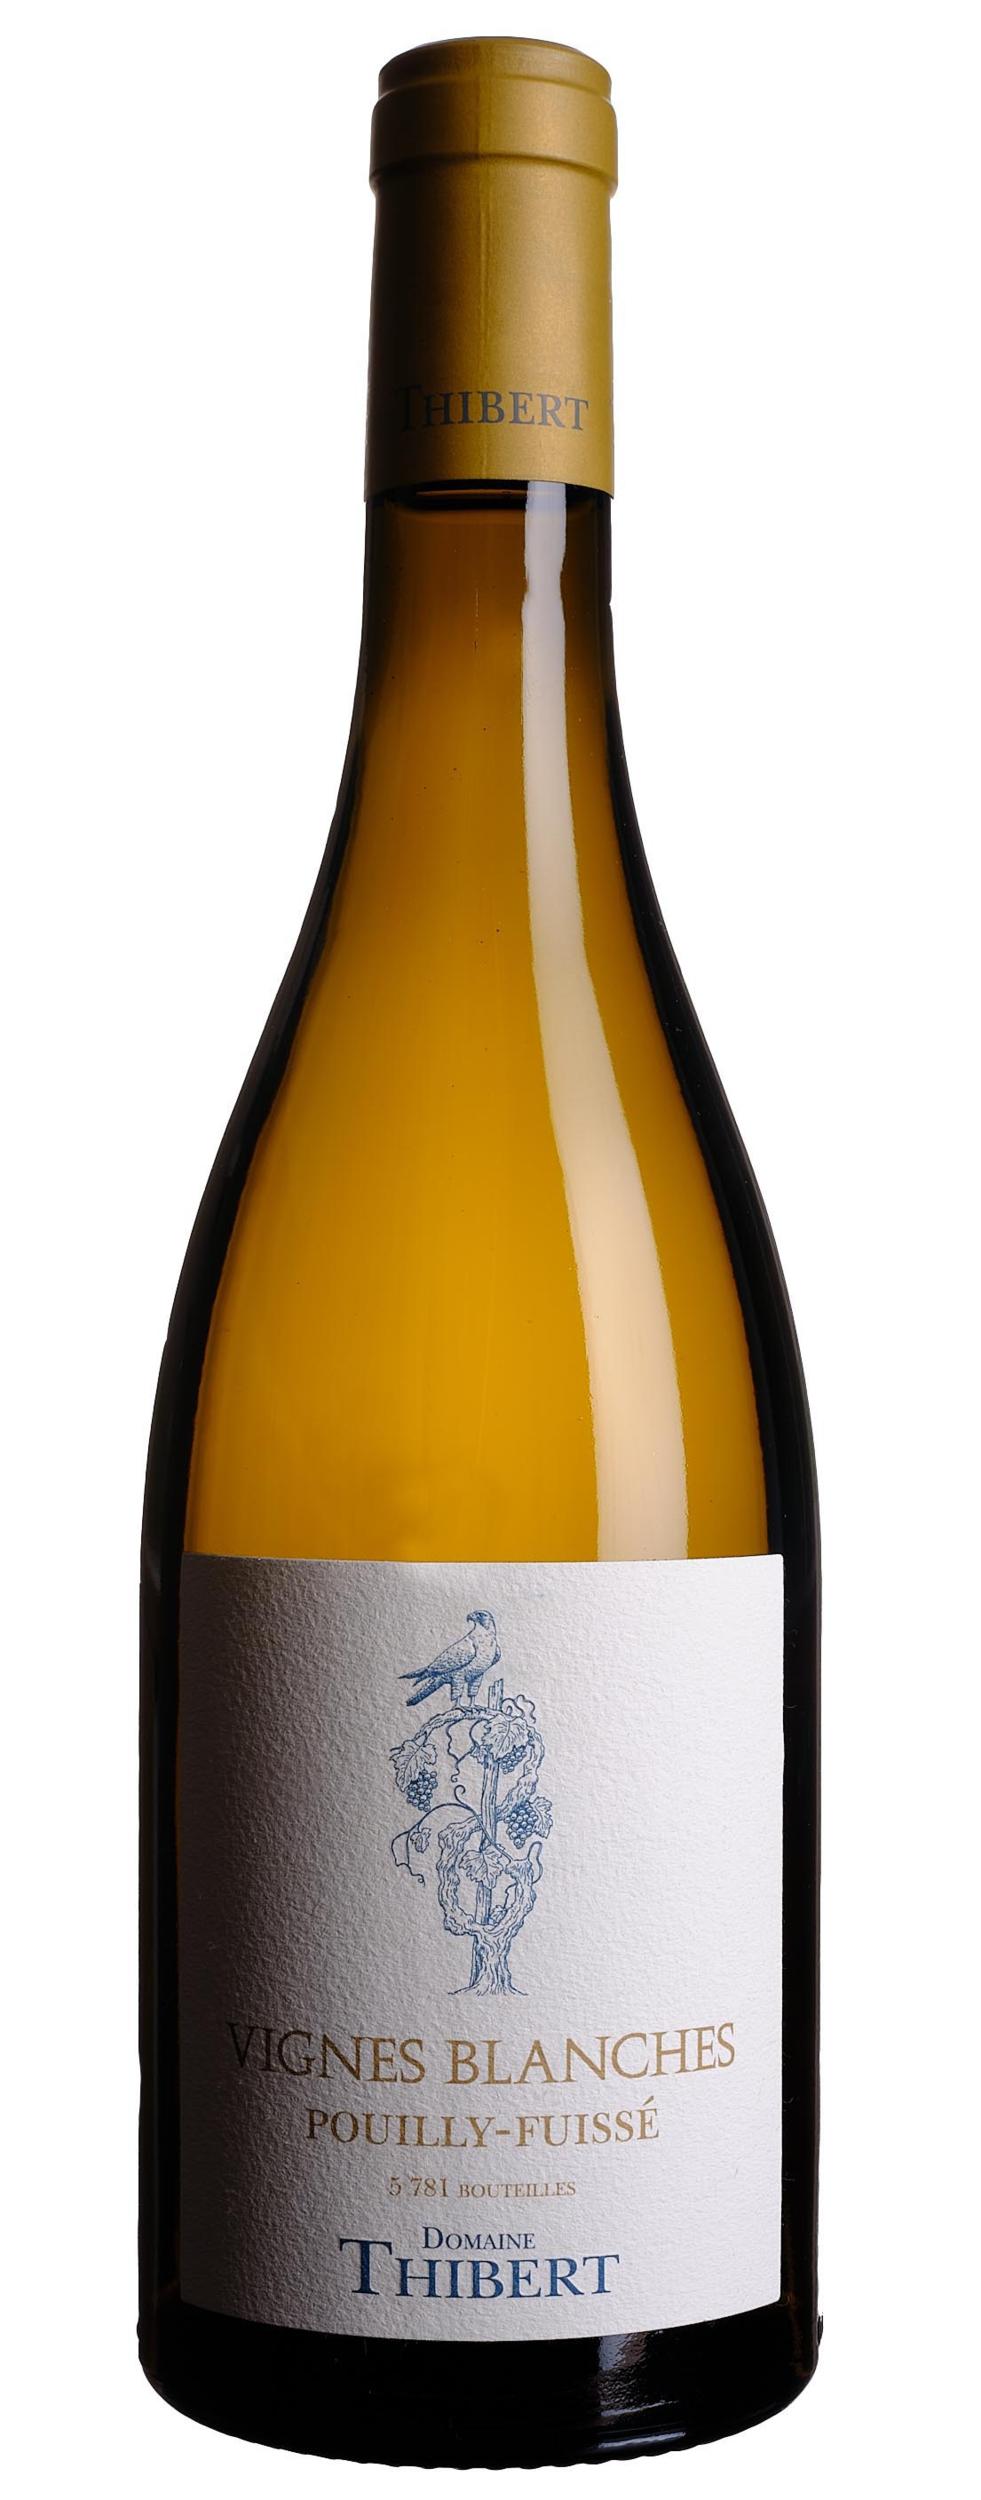 Pouilly Fuisse - Vignes Blanches - Domaine Thibert - 2015